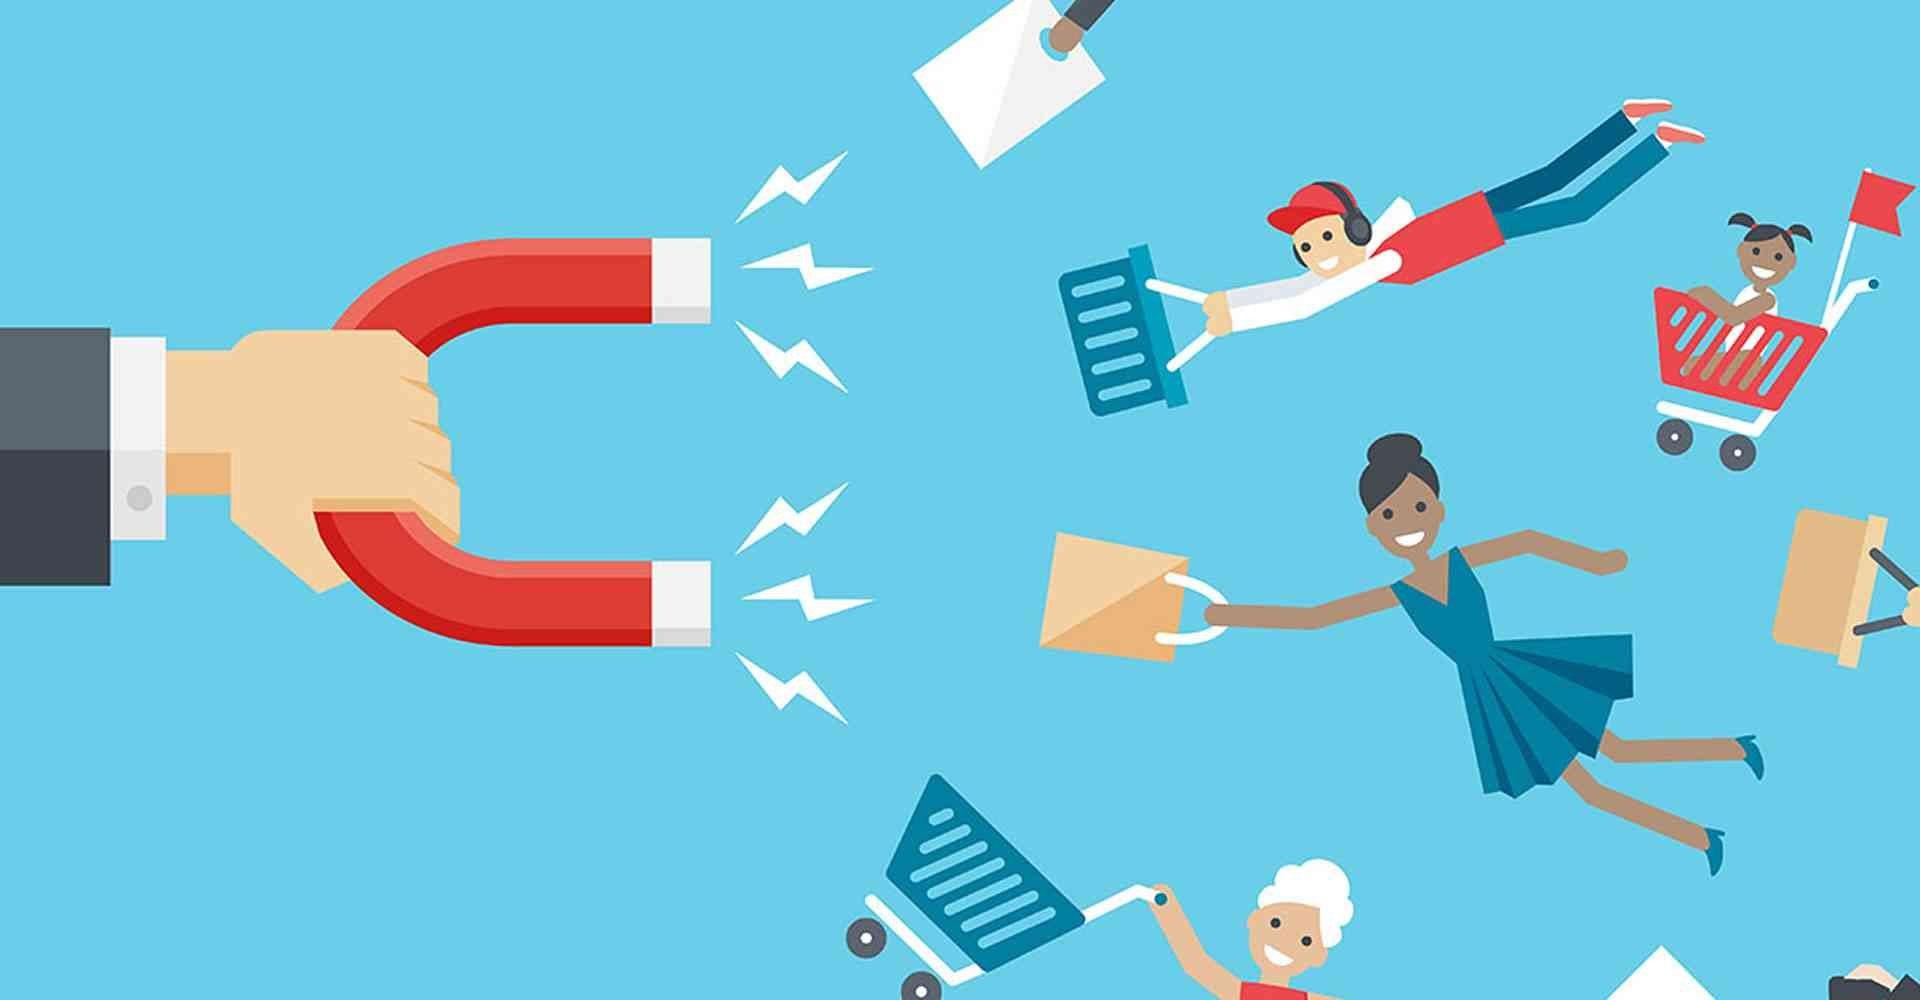 Cara Mengelola Hubungan dengan Pelanggan yang Baik